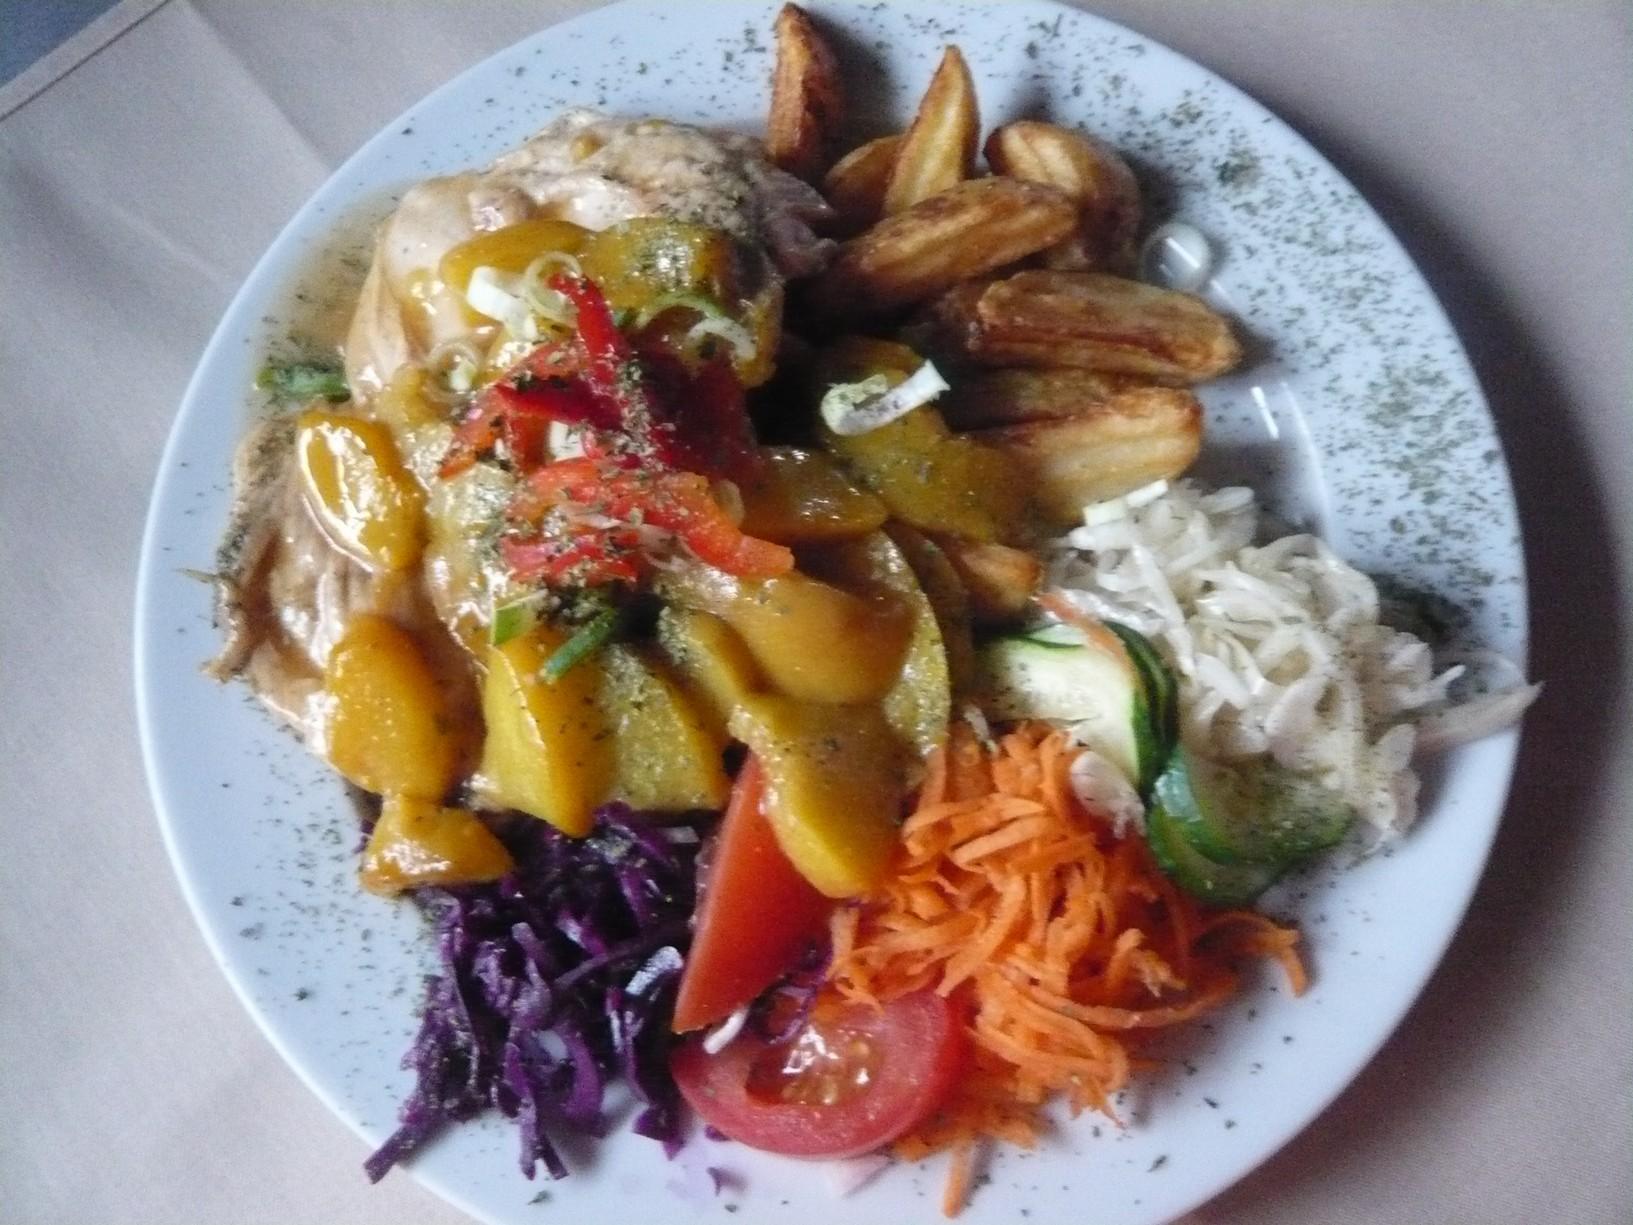 Recept Kuřecí prsa s broskví a sýrem - Kuřecí s broskví, pečenými brambory a zeleninovou oblohou.